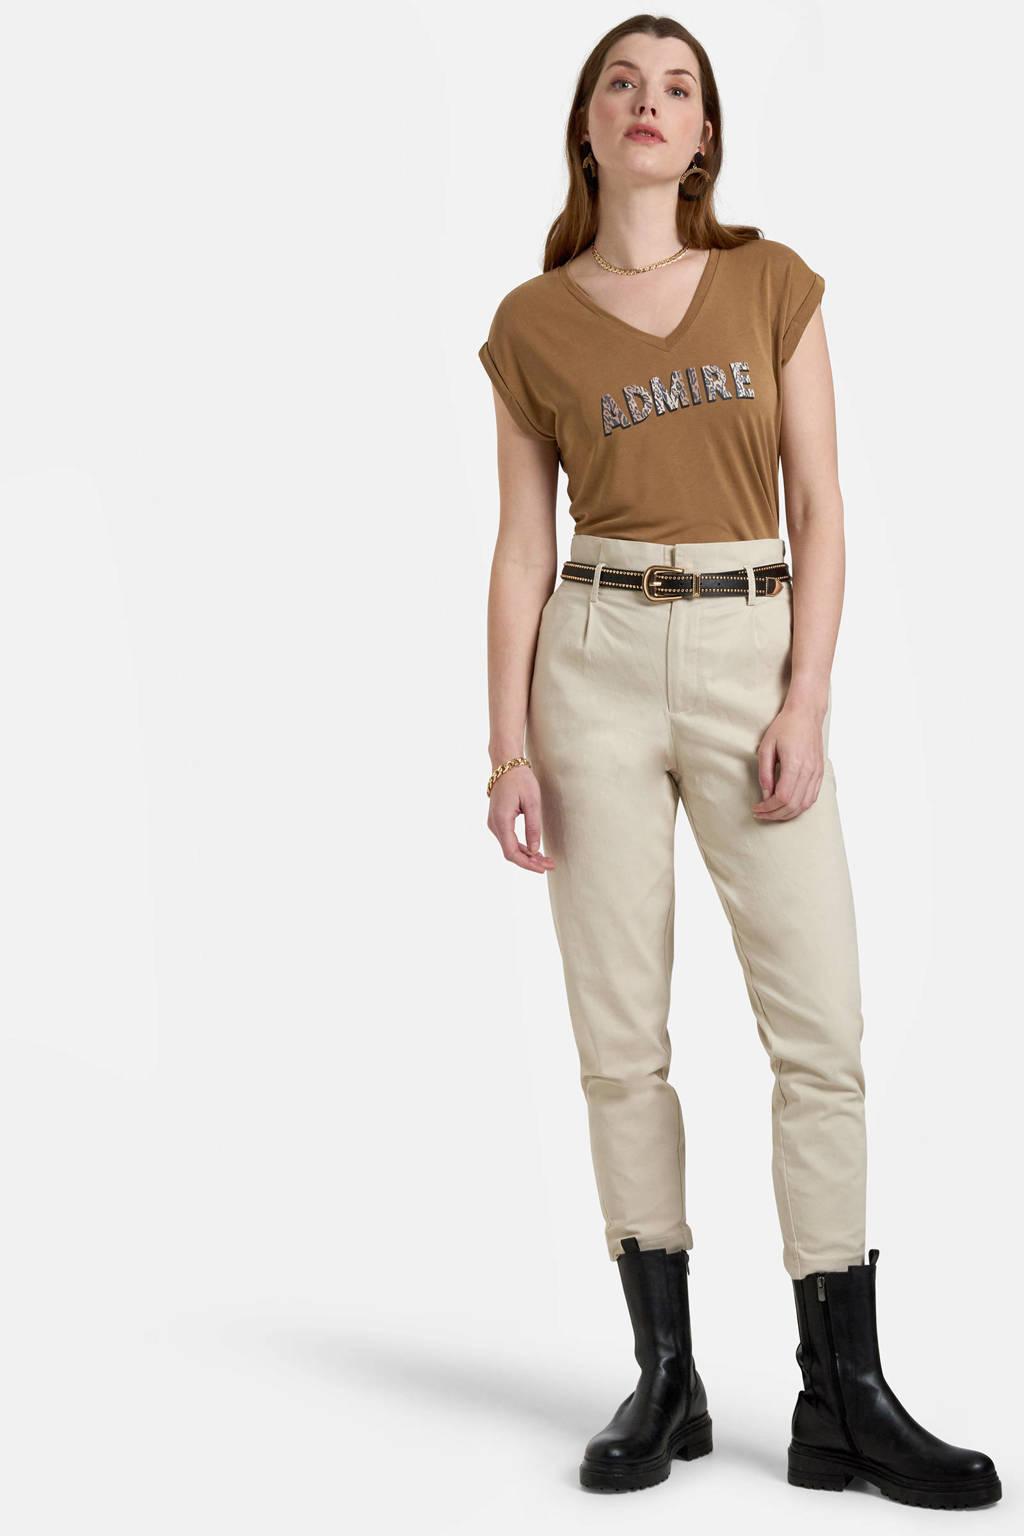 Eksept by Shoeby T-shirt Admire met tekst lightbrown, LIGHTBROWN